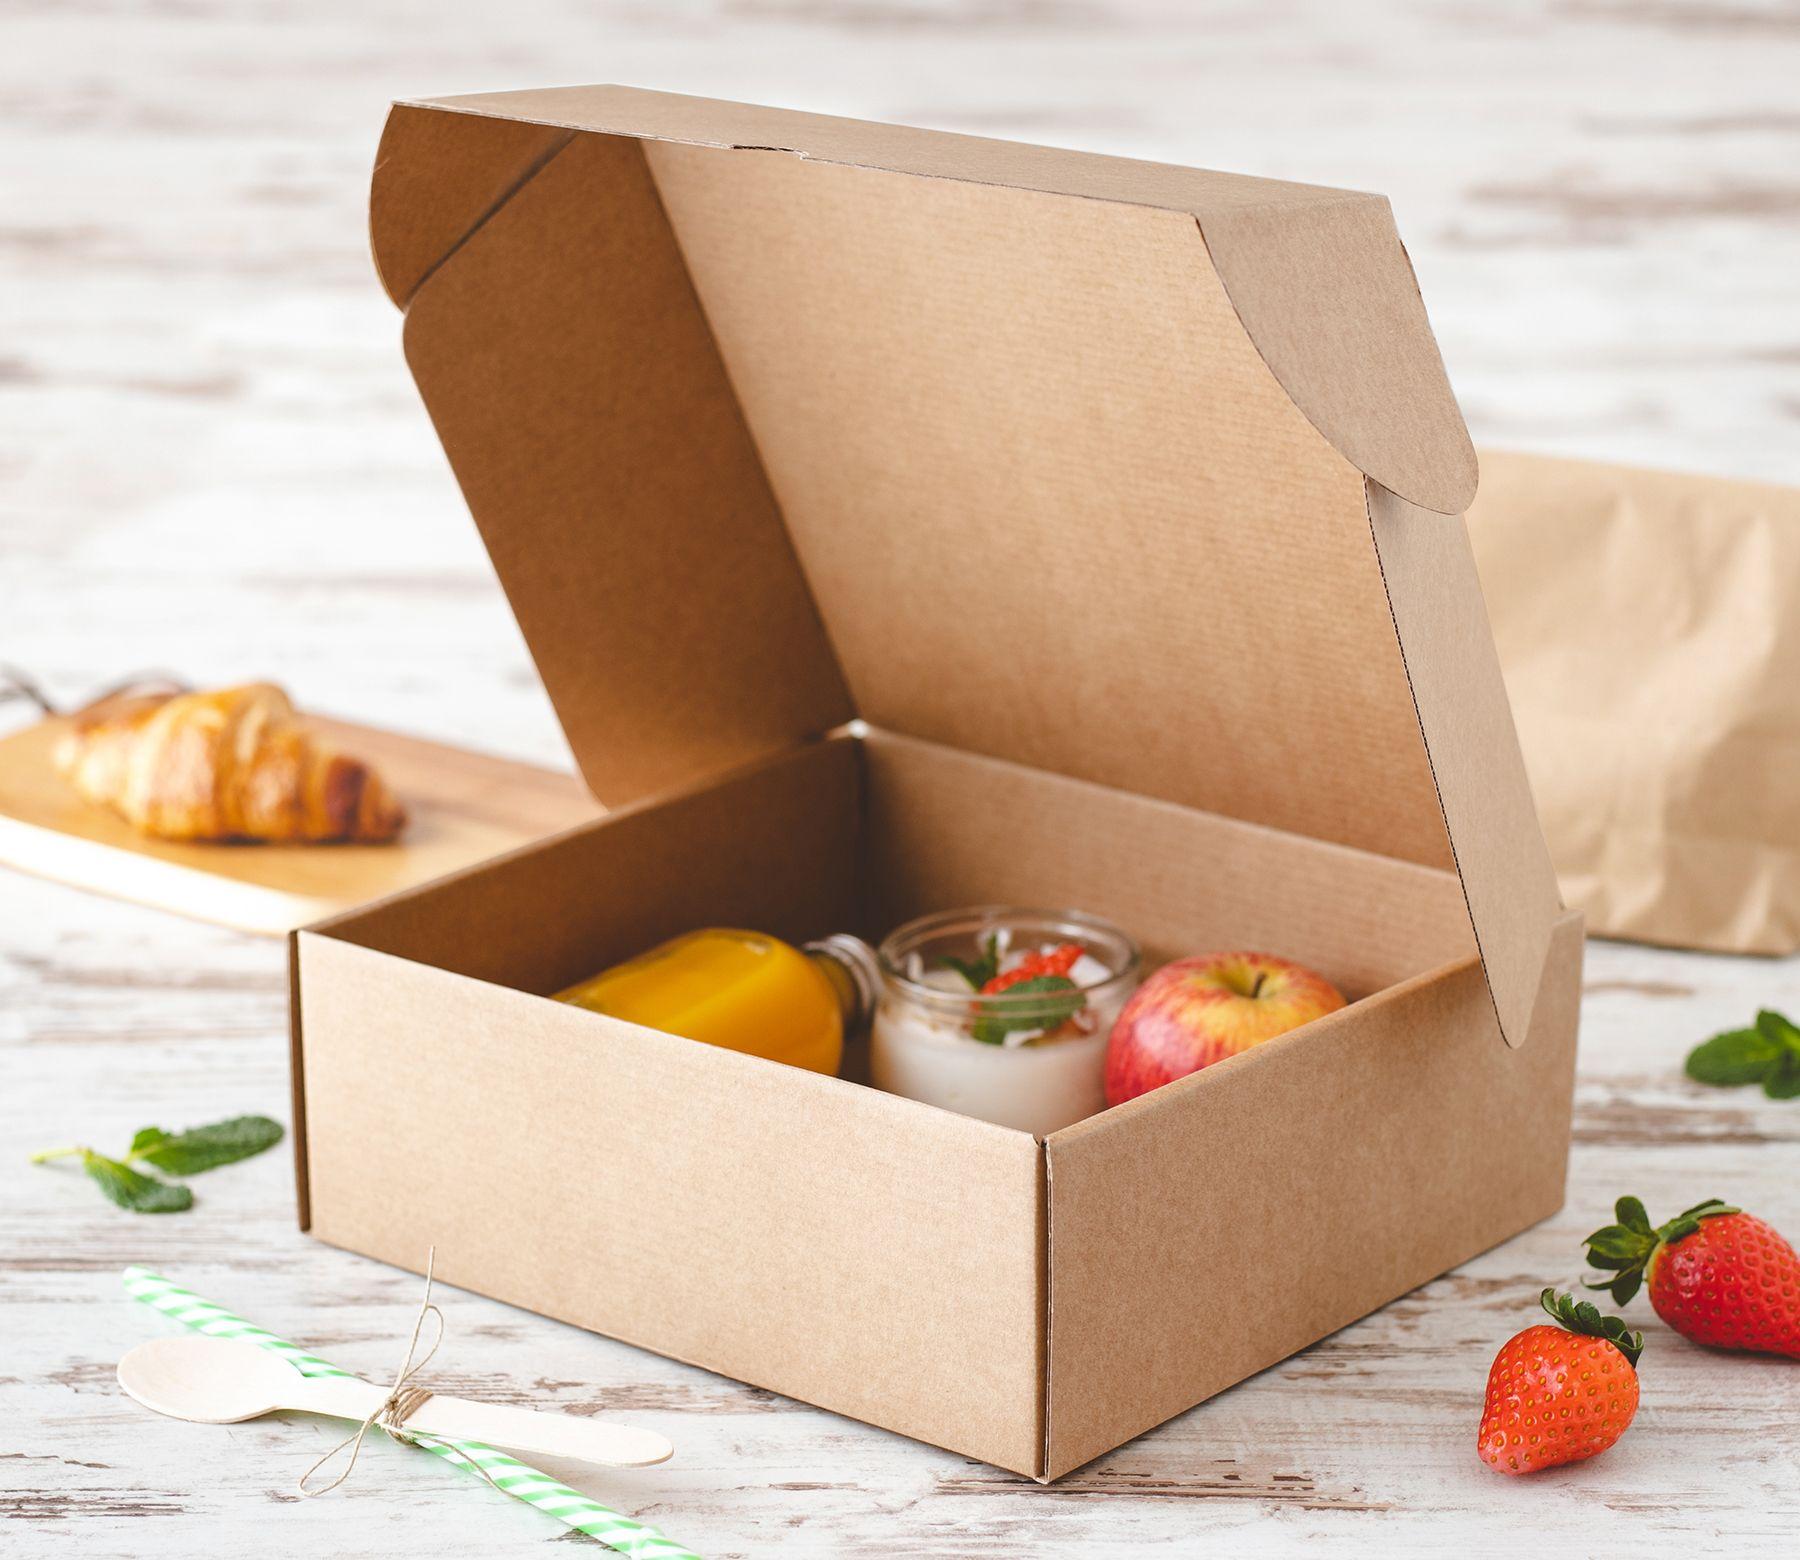 Caja De Carton Para Desayunos Envases De Comida Para Llevar Caja De Comida Empaquetado De Alimentos